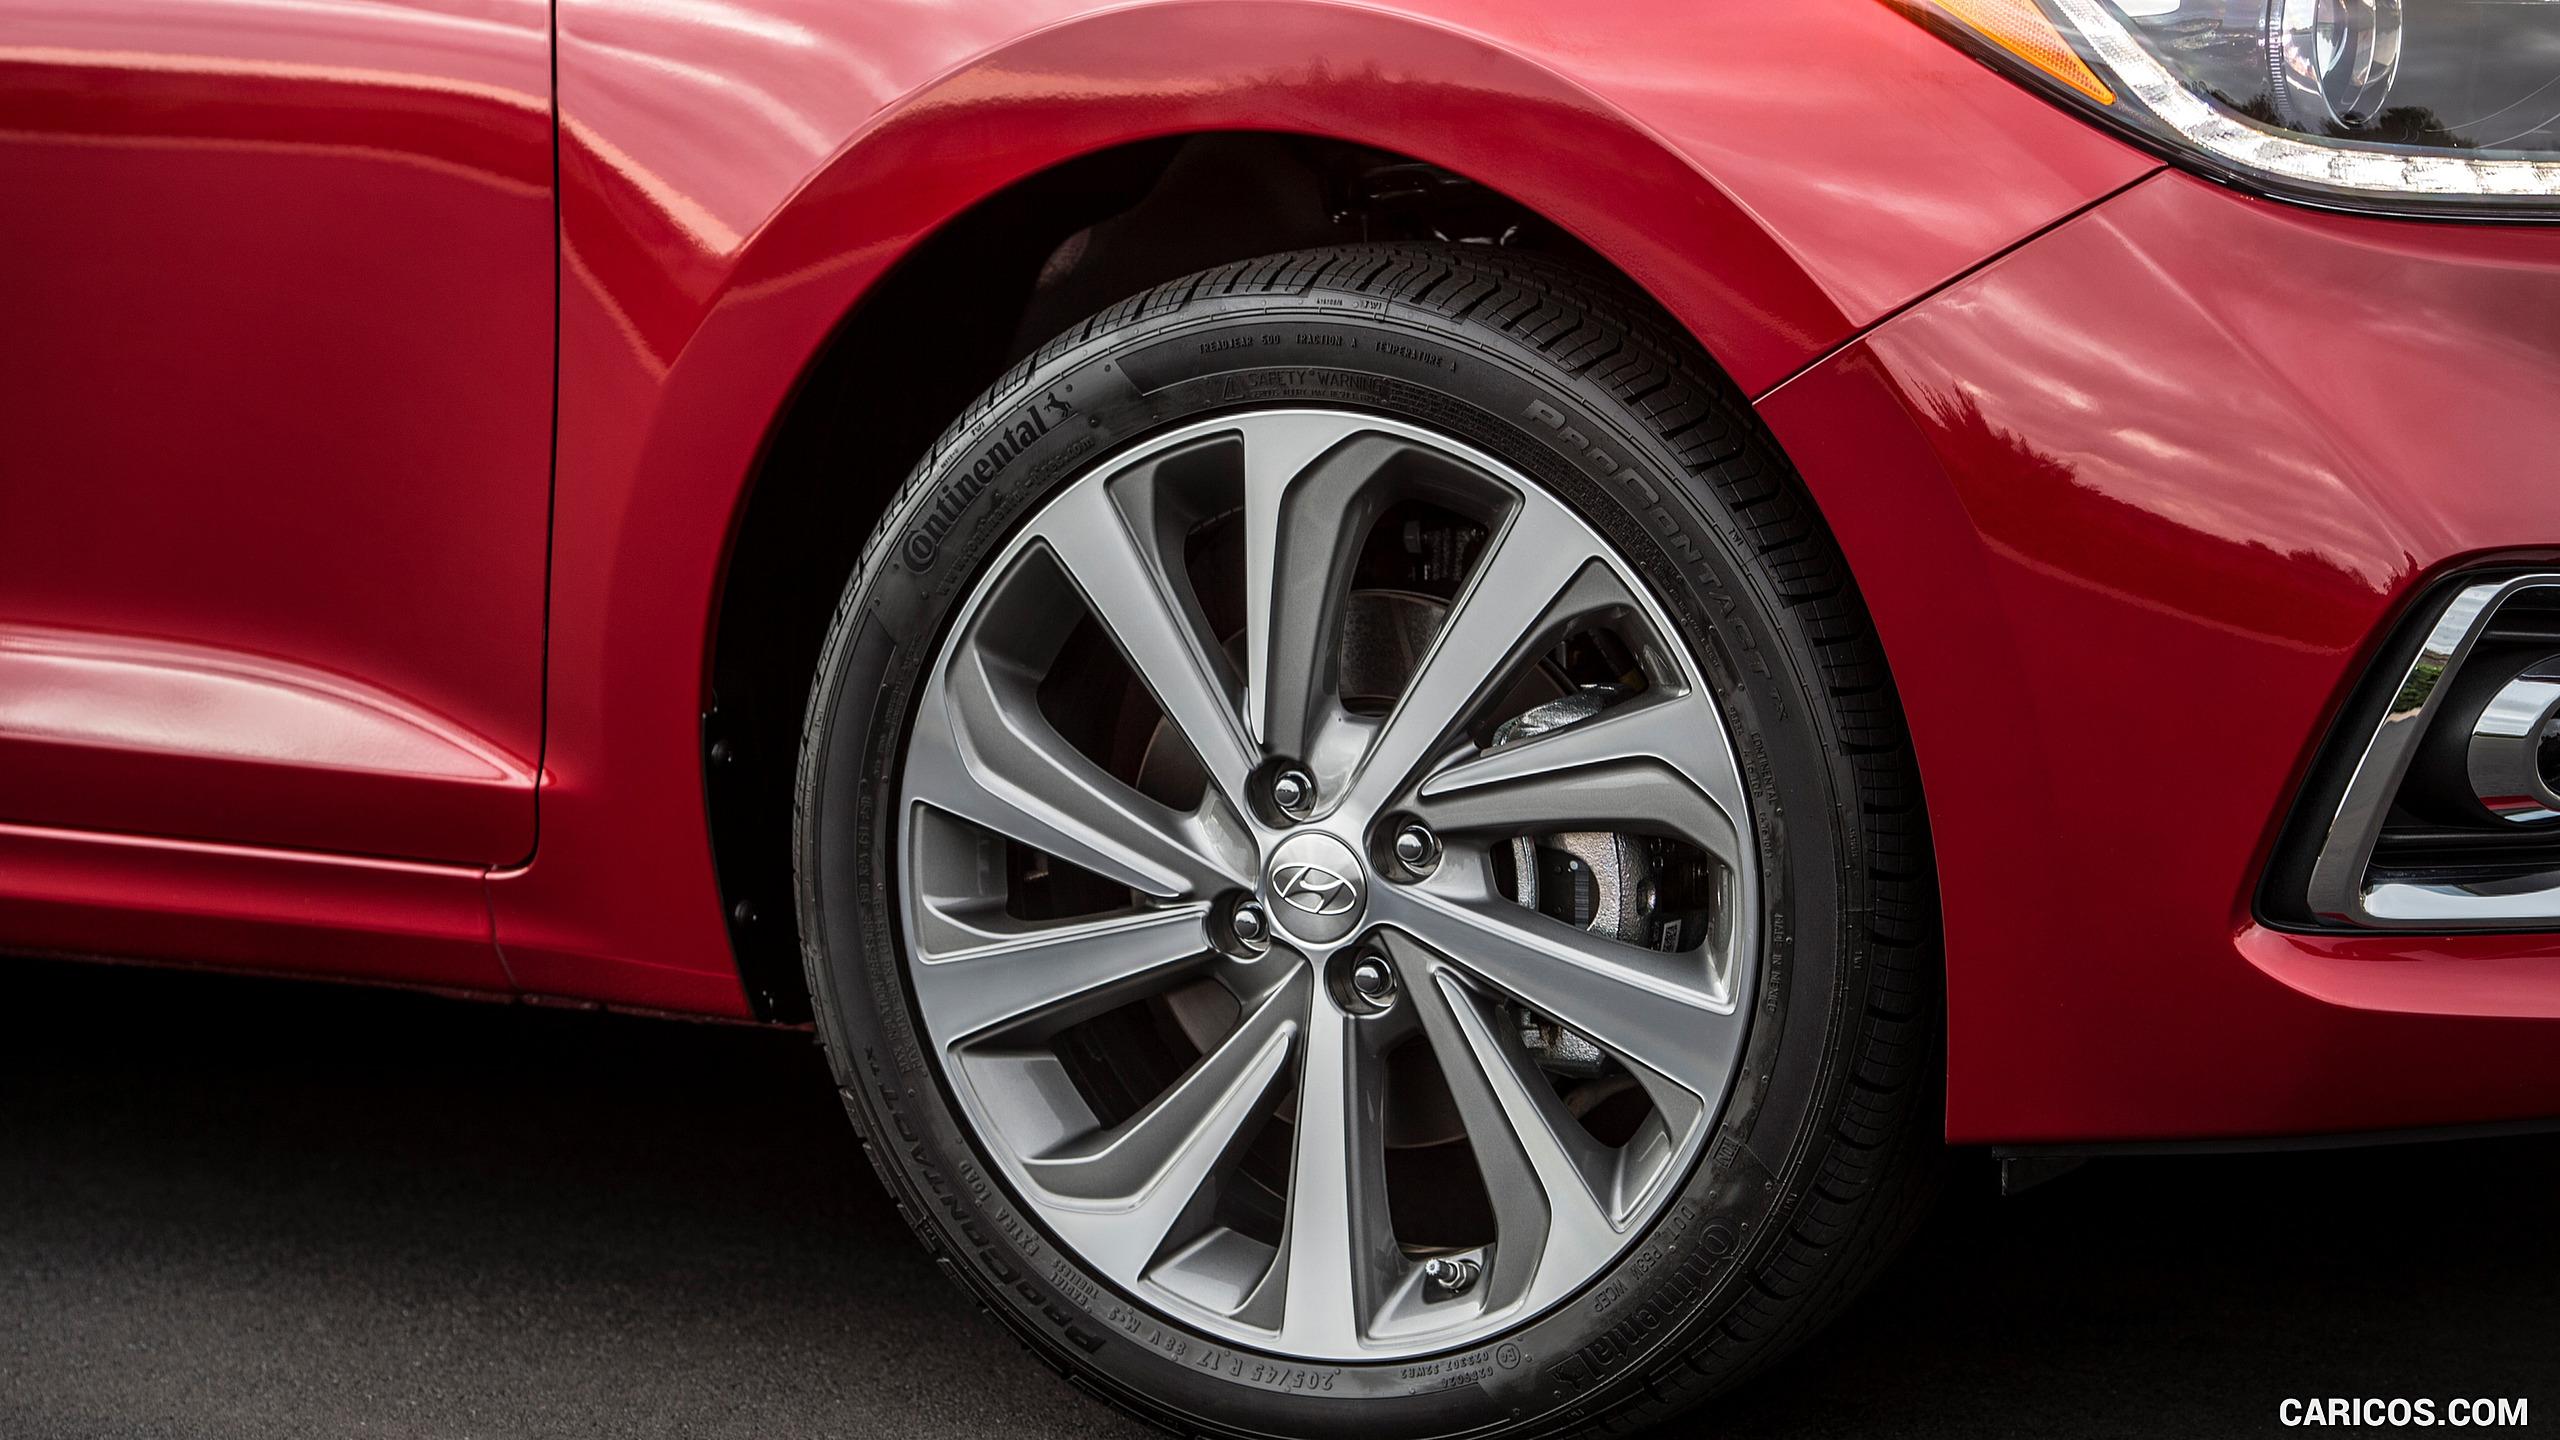 2018 Hyundai Accent   Wheel HD Wallpaper 14 2560x1440